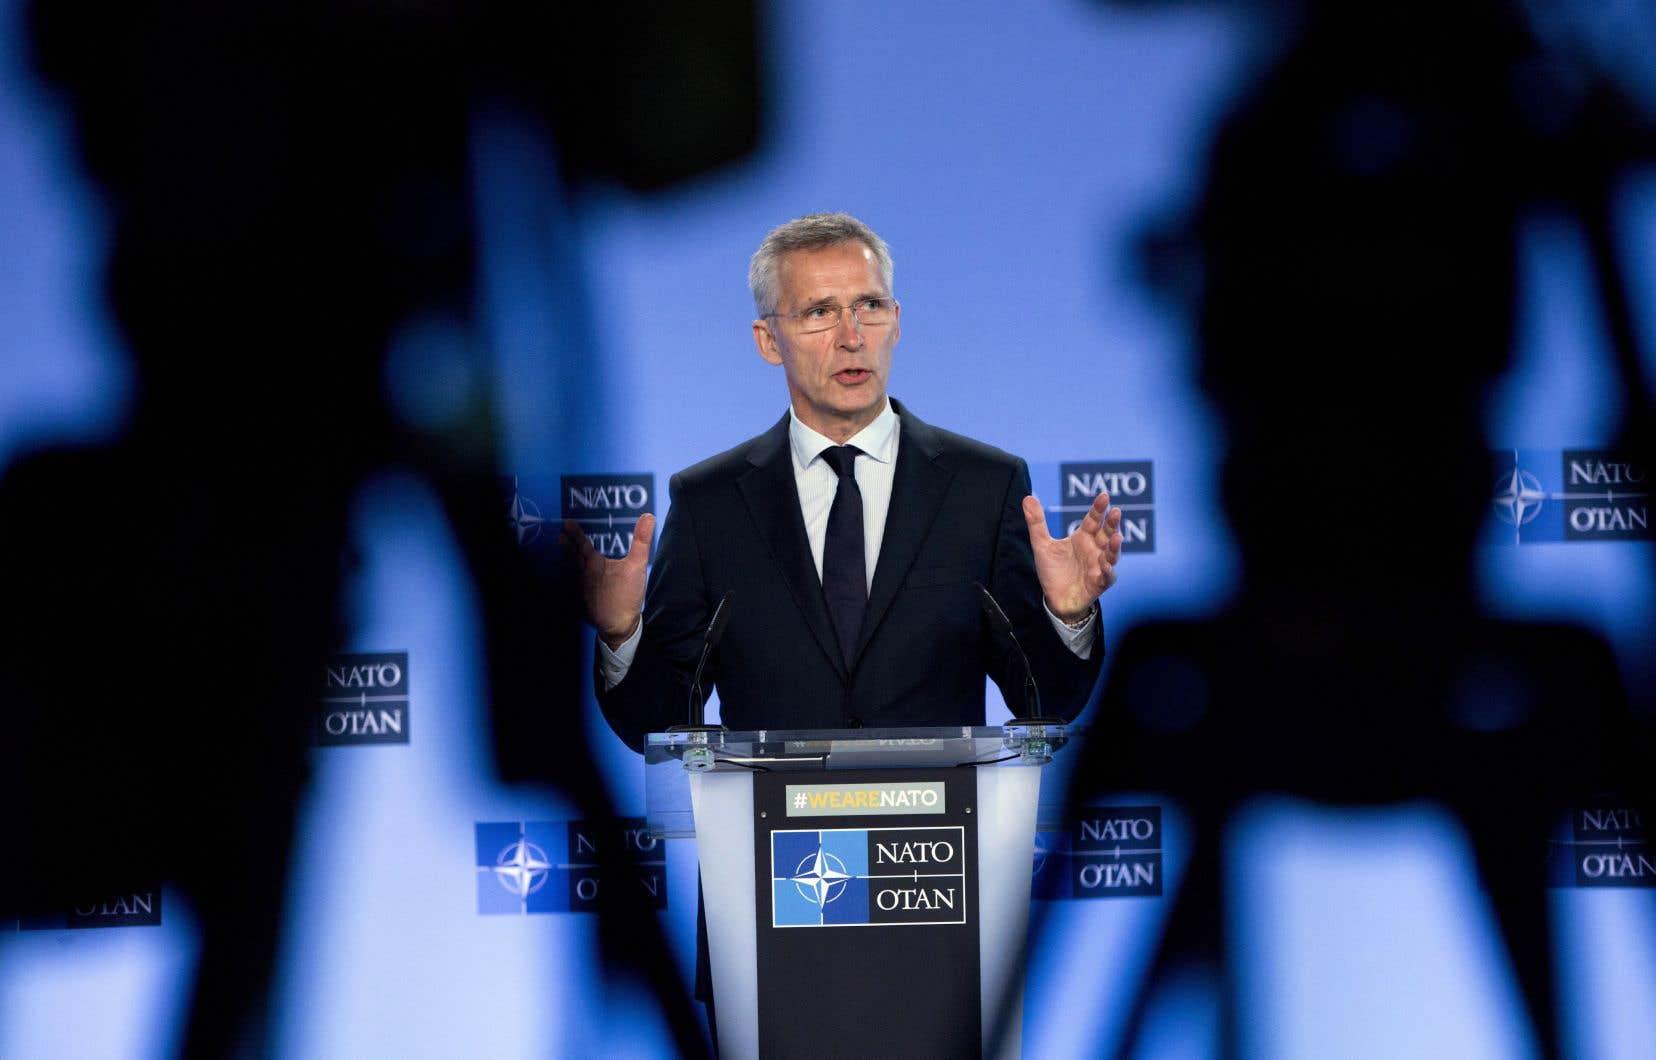 Le secrétaire général de l'OTAN,Jens Stoltenberg